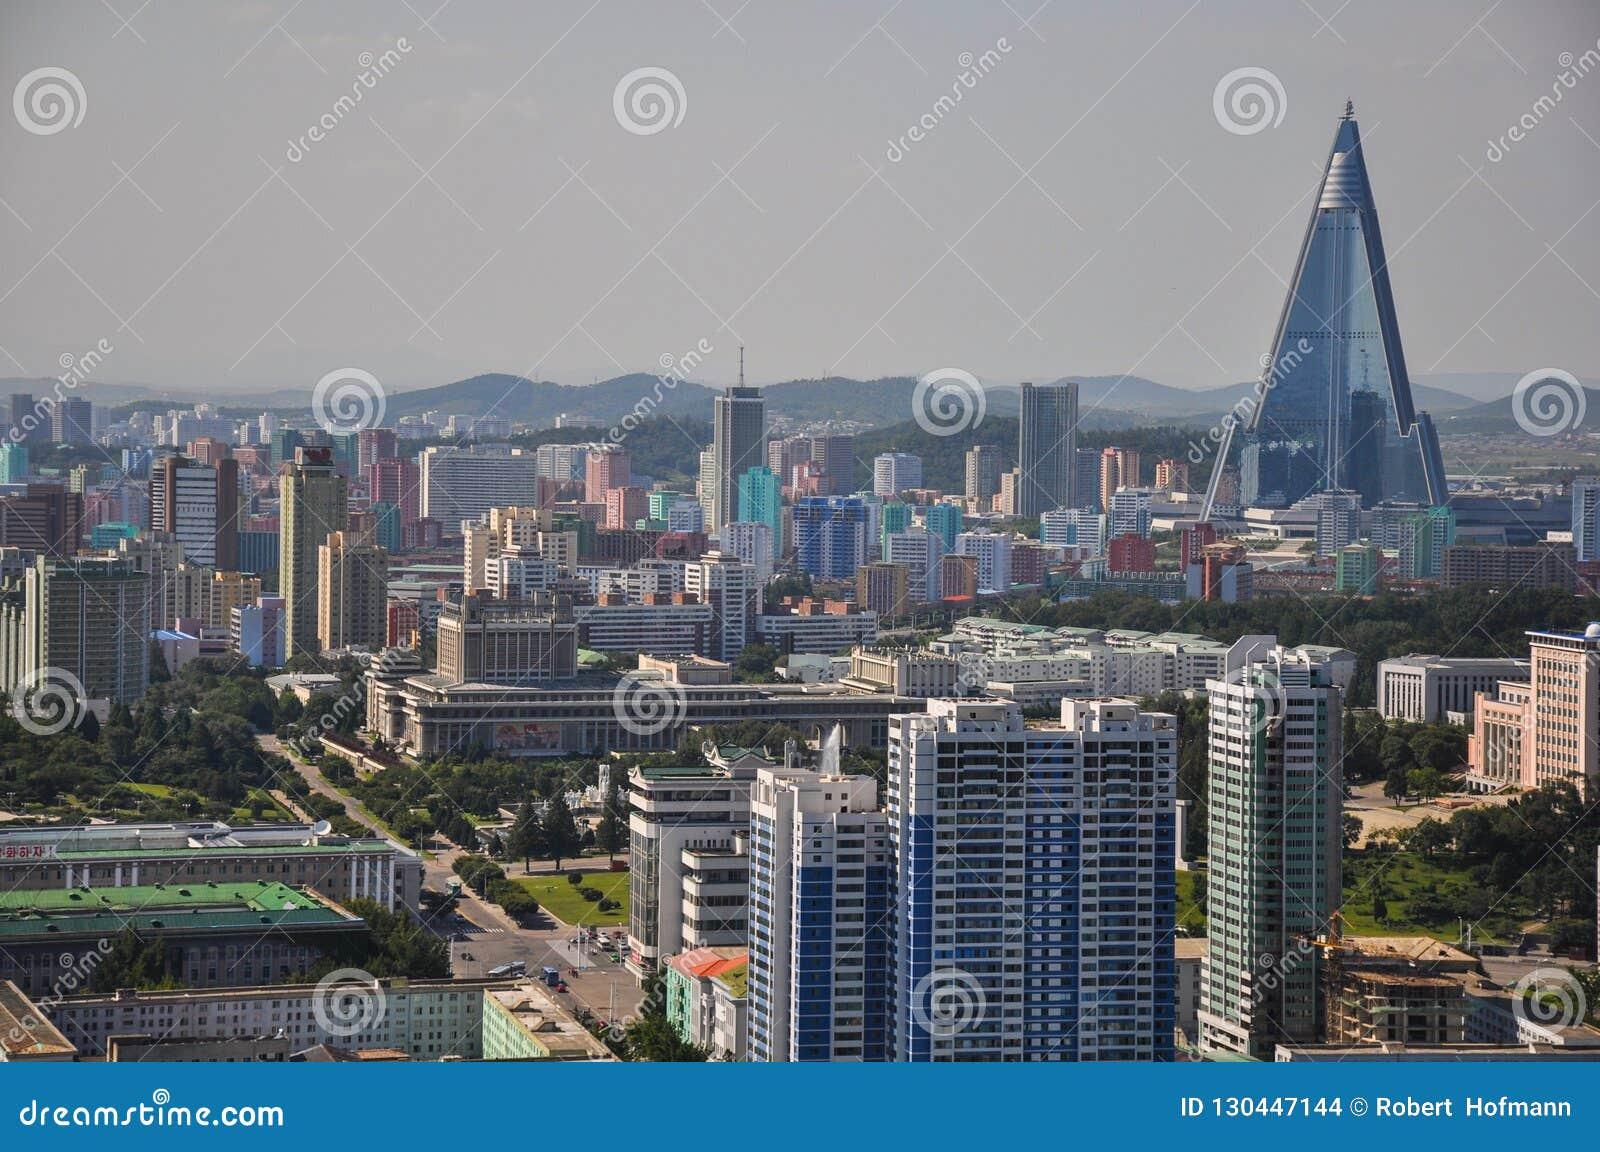 Пхеньян, Север-Корея, 09/07/2018: Гостиница Ryugyong с новым фасадом